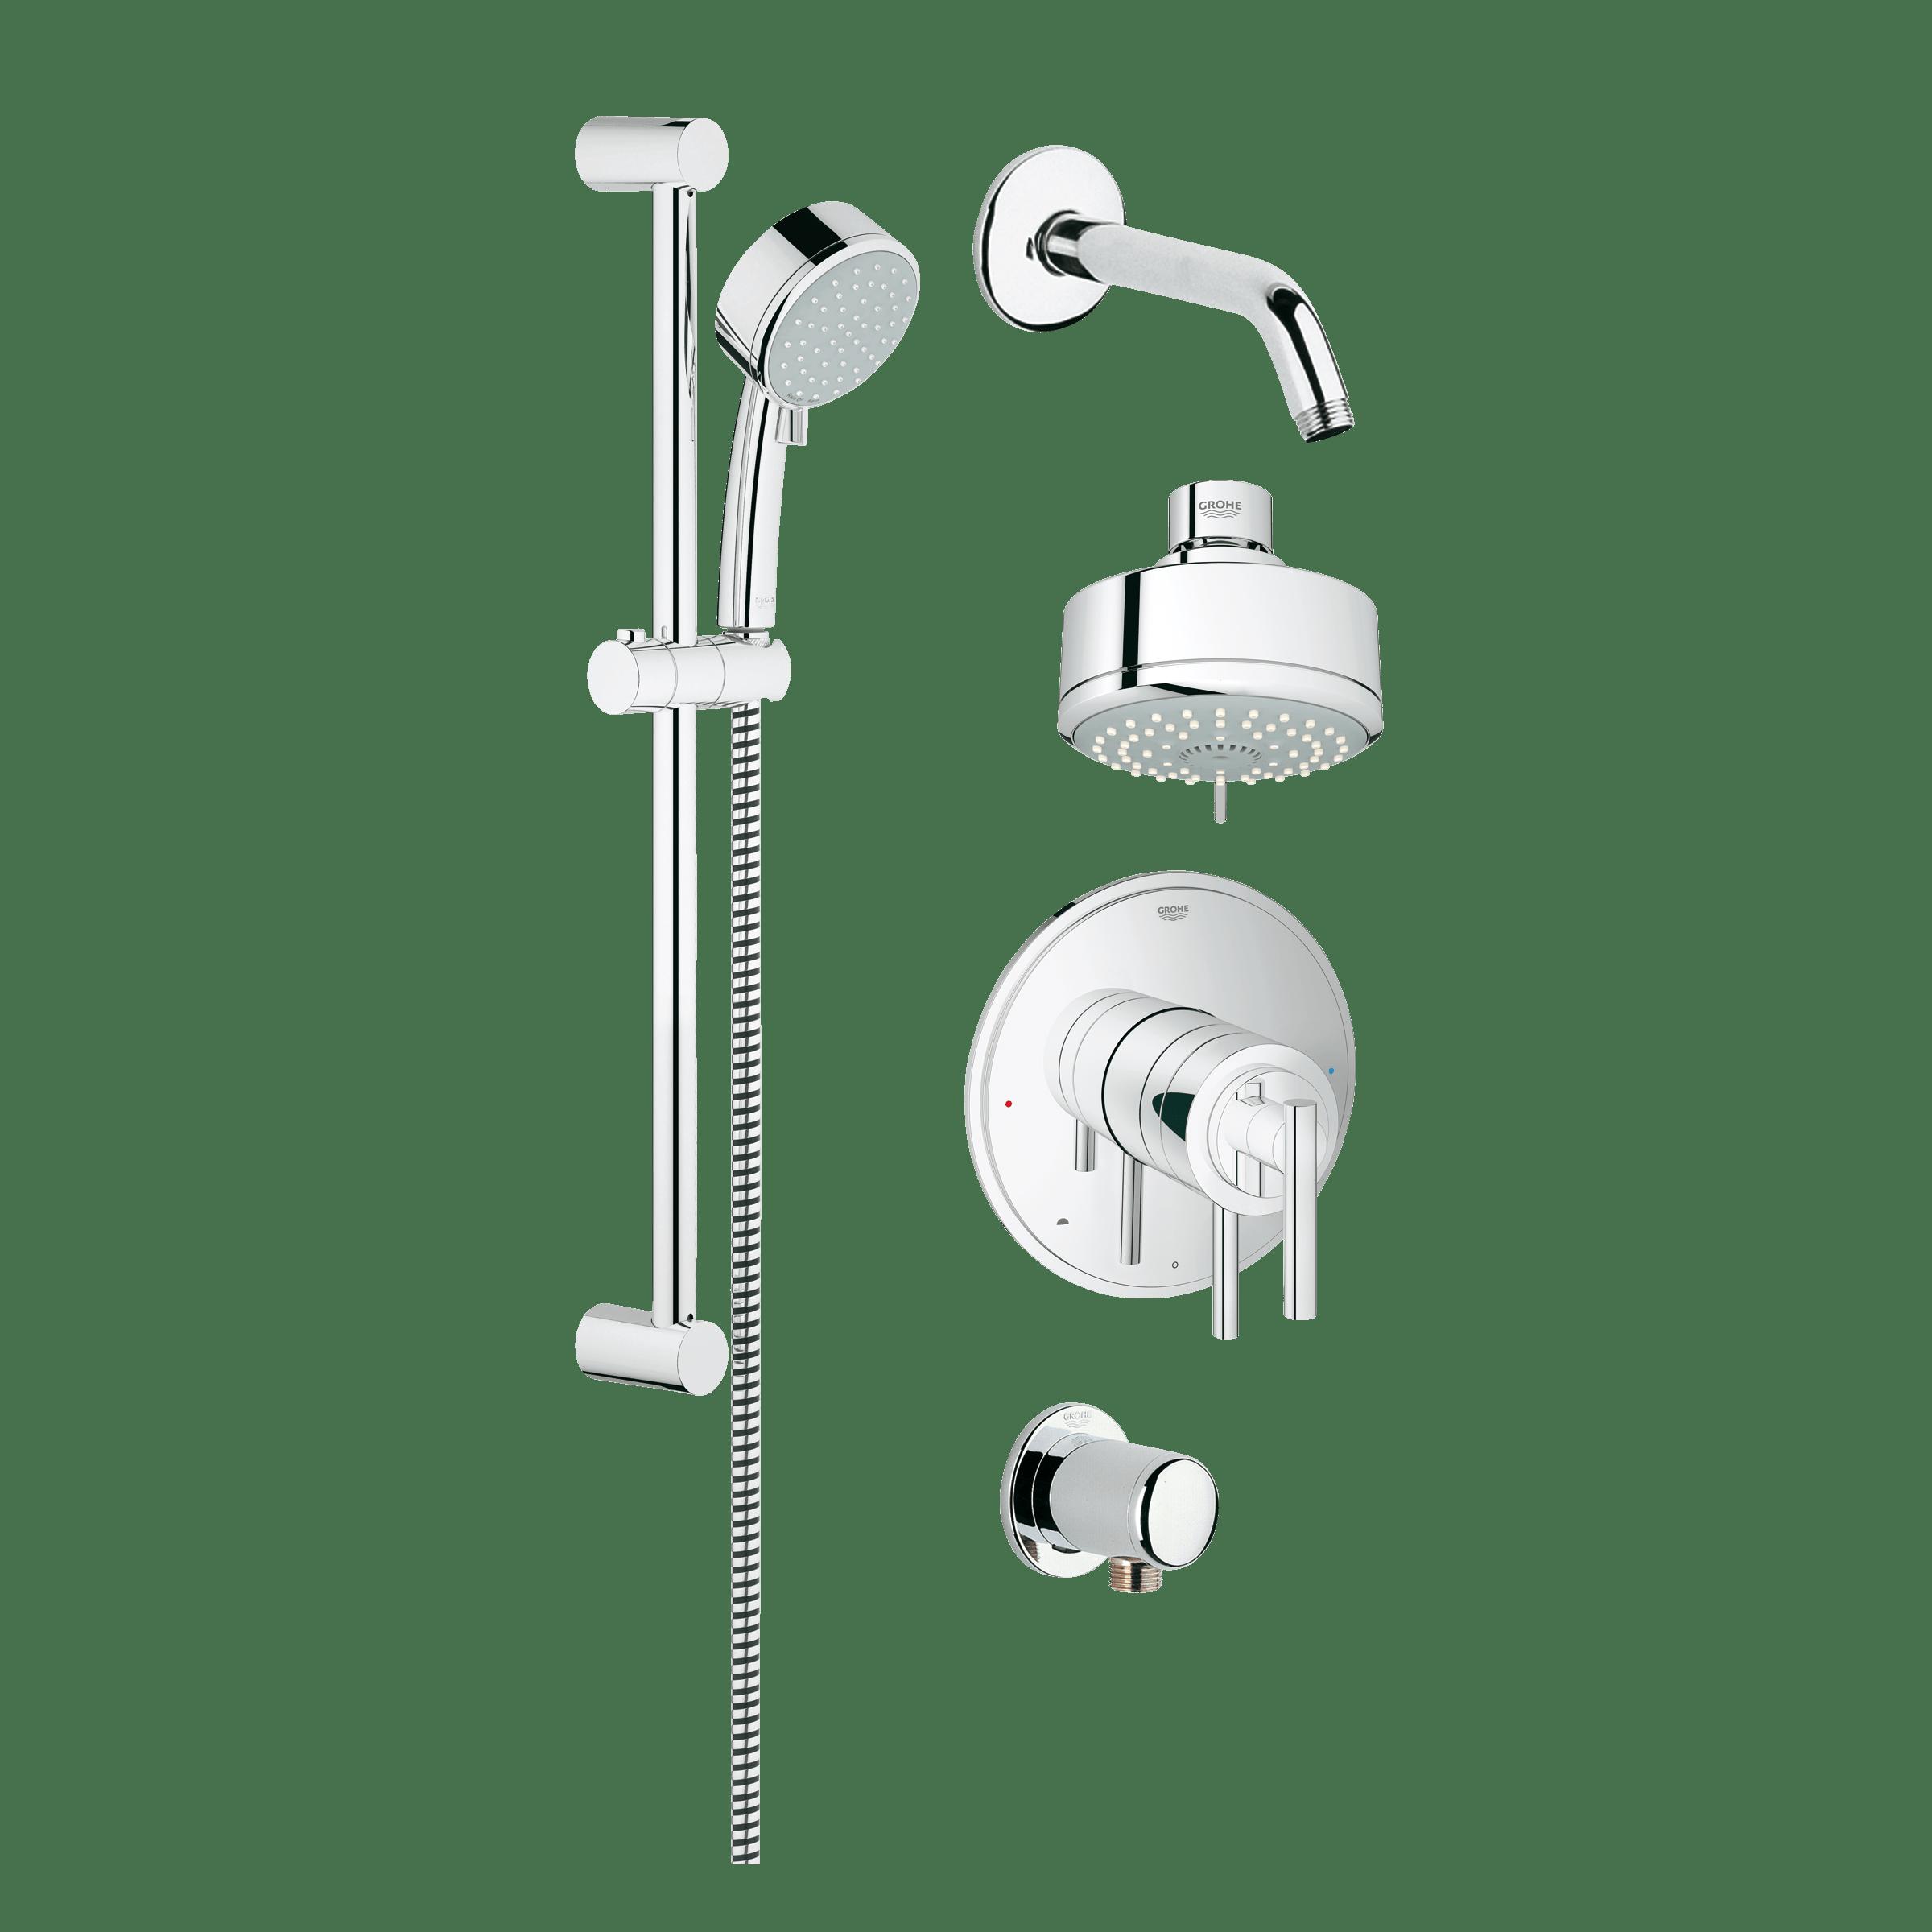 Grohe 35055001 Grohflex Shower Set   QualityBath.com